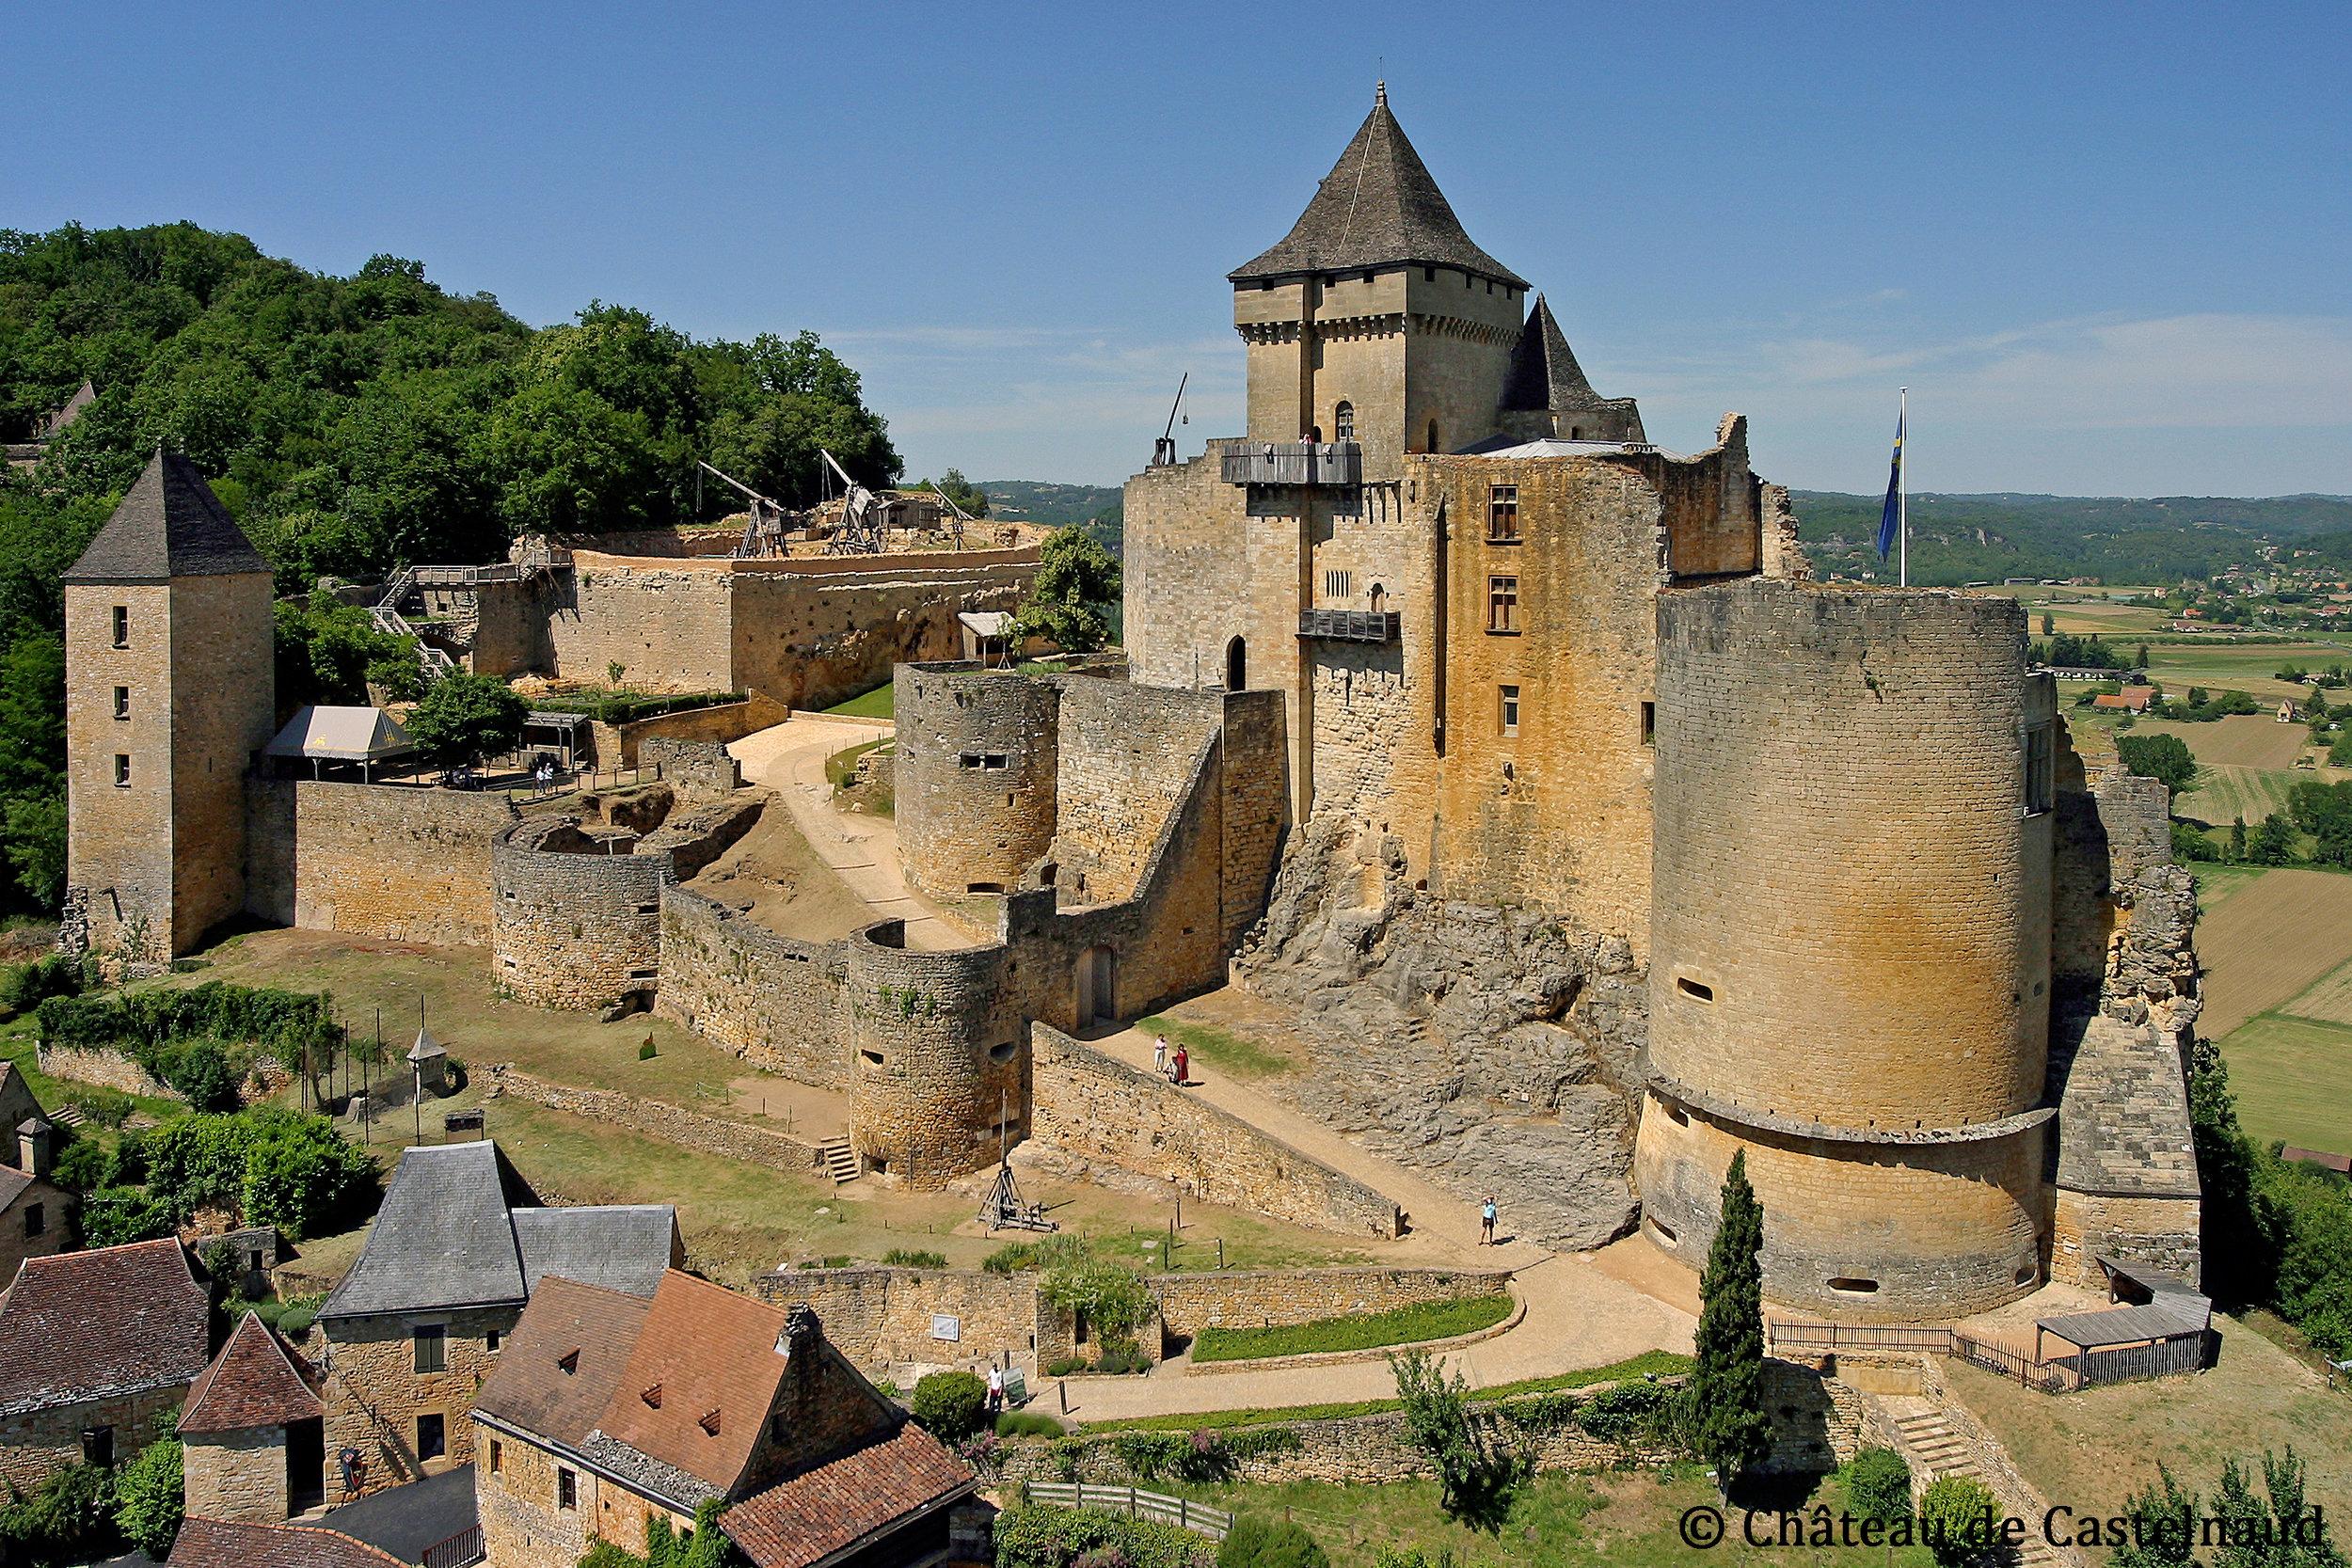 Vue_d'ensemble_Château_de_Castelnaud.jpg